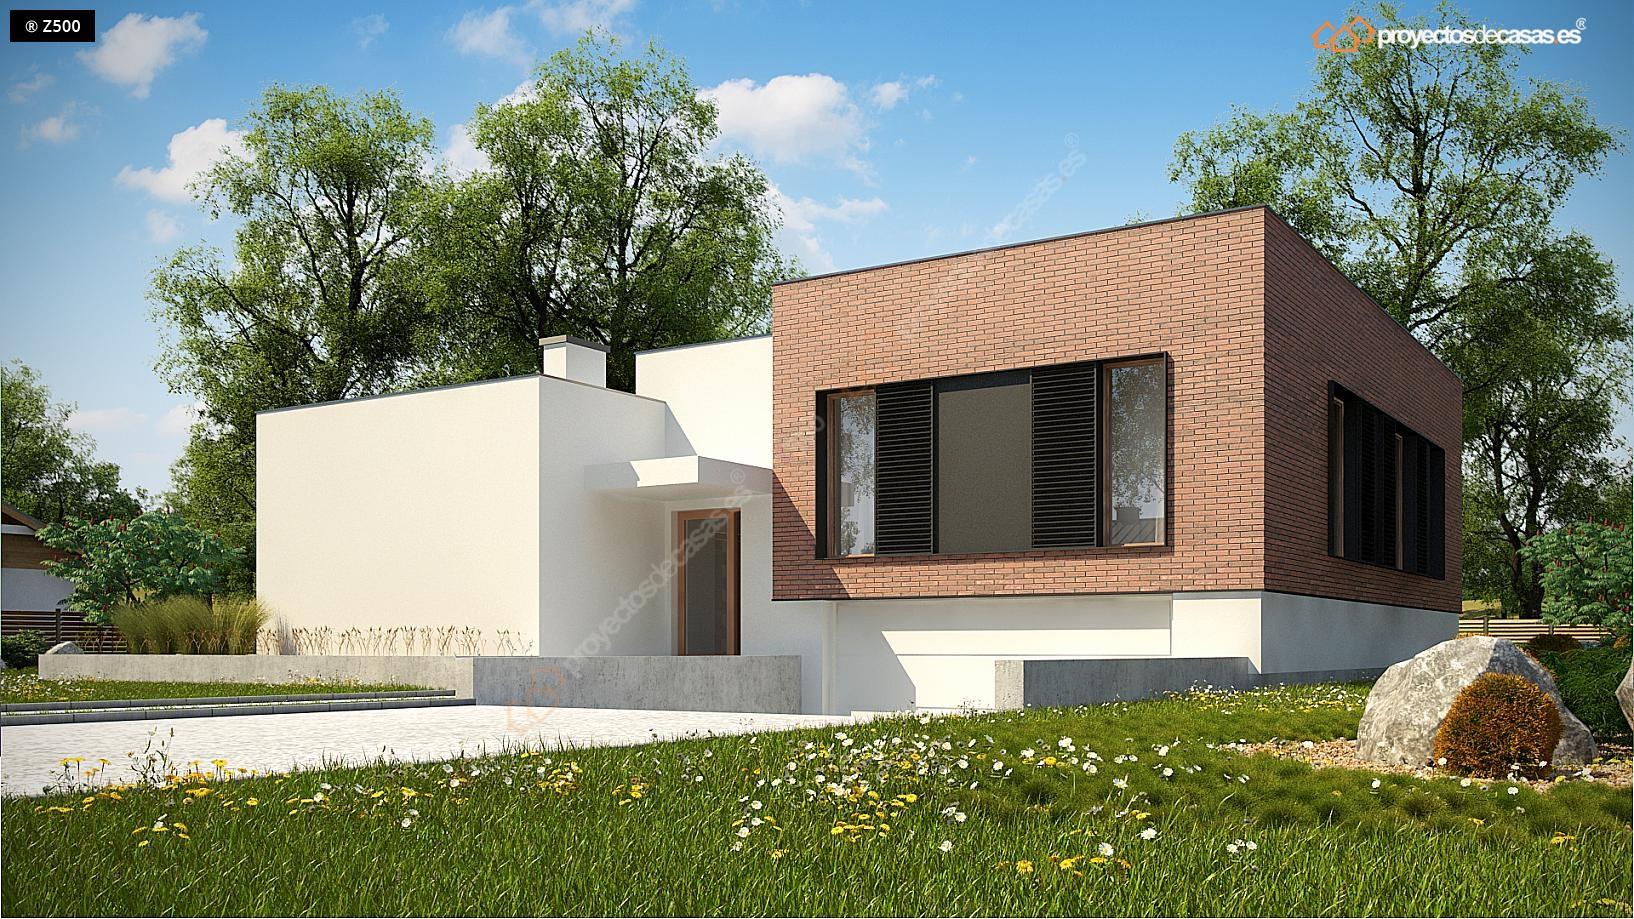 Proyectos de casas casa moderna aldaya con garaje for Proyectos casas modernas